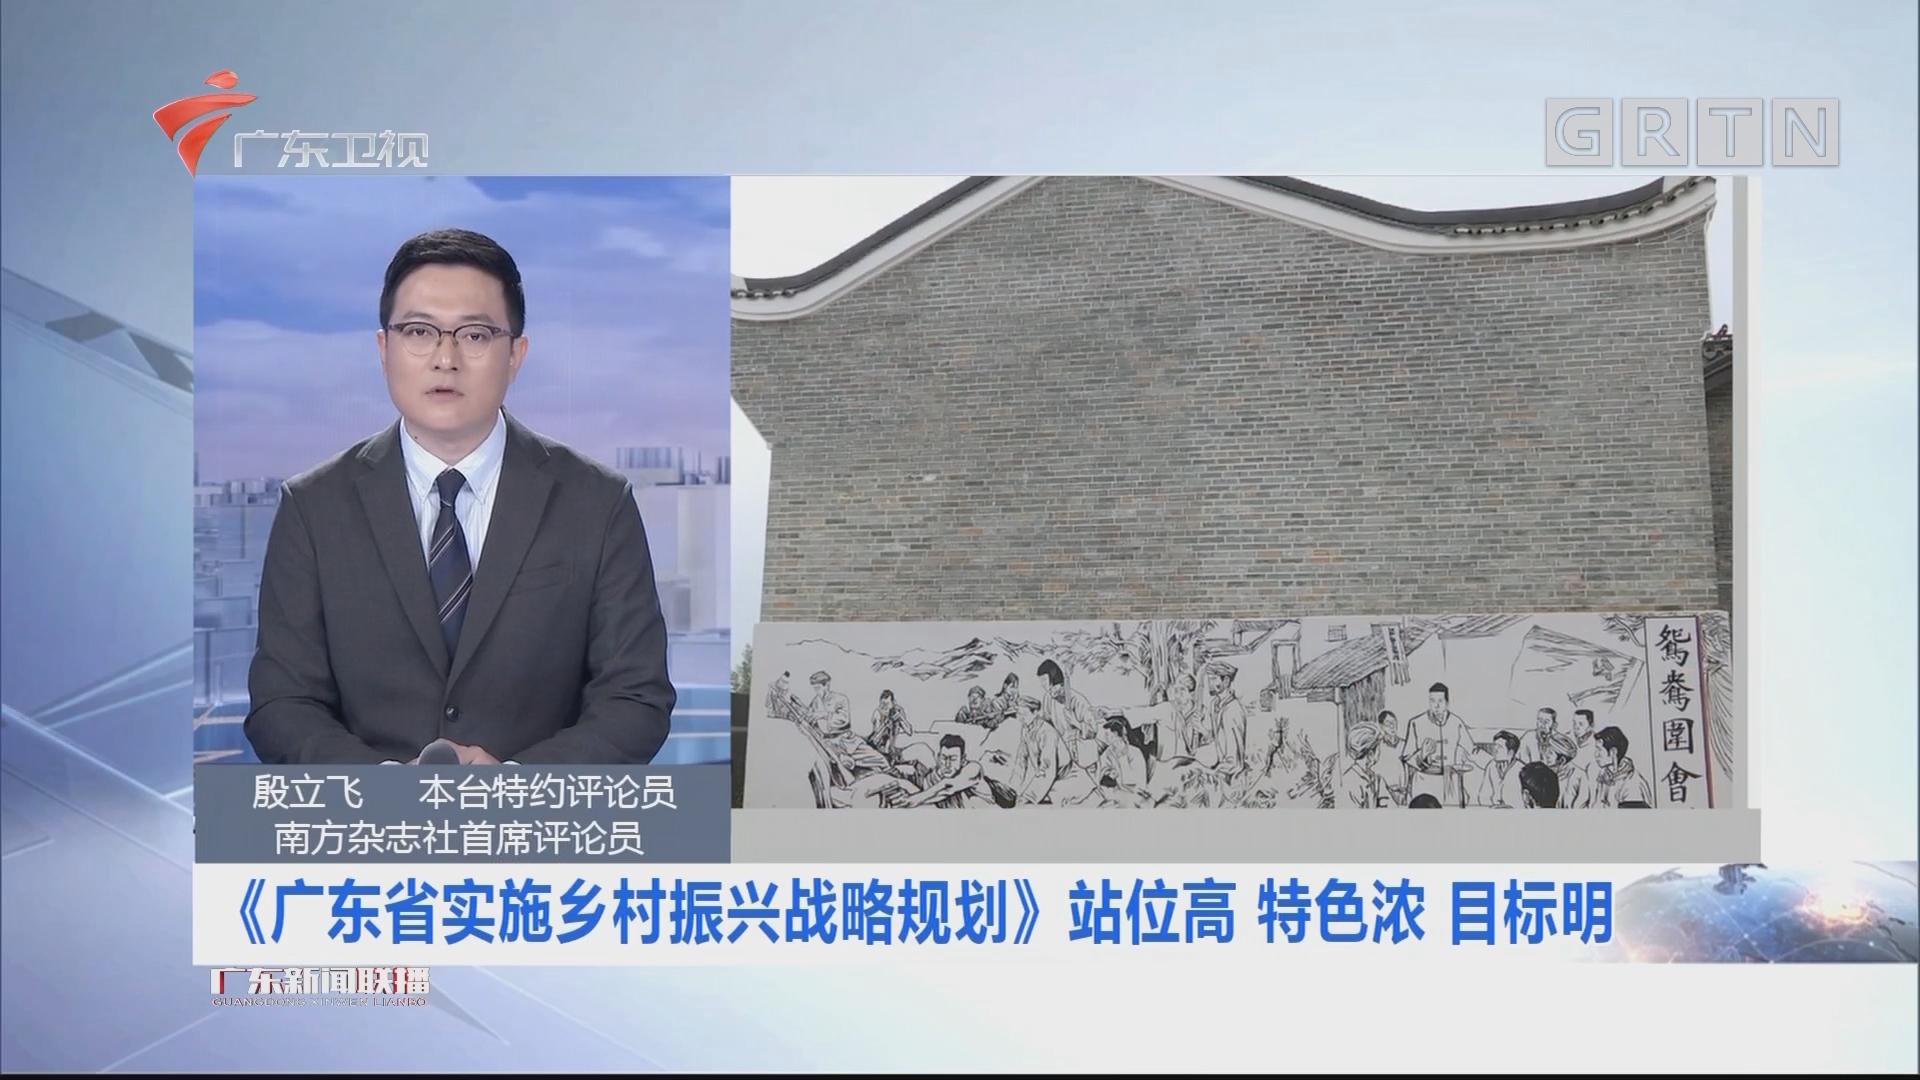 本台特约评论员:《广东省实施乡村振兴战略规划》站位高 特色浓 目标明